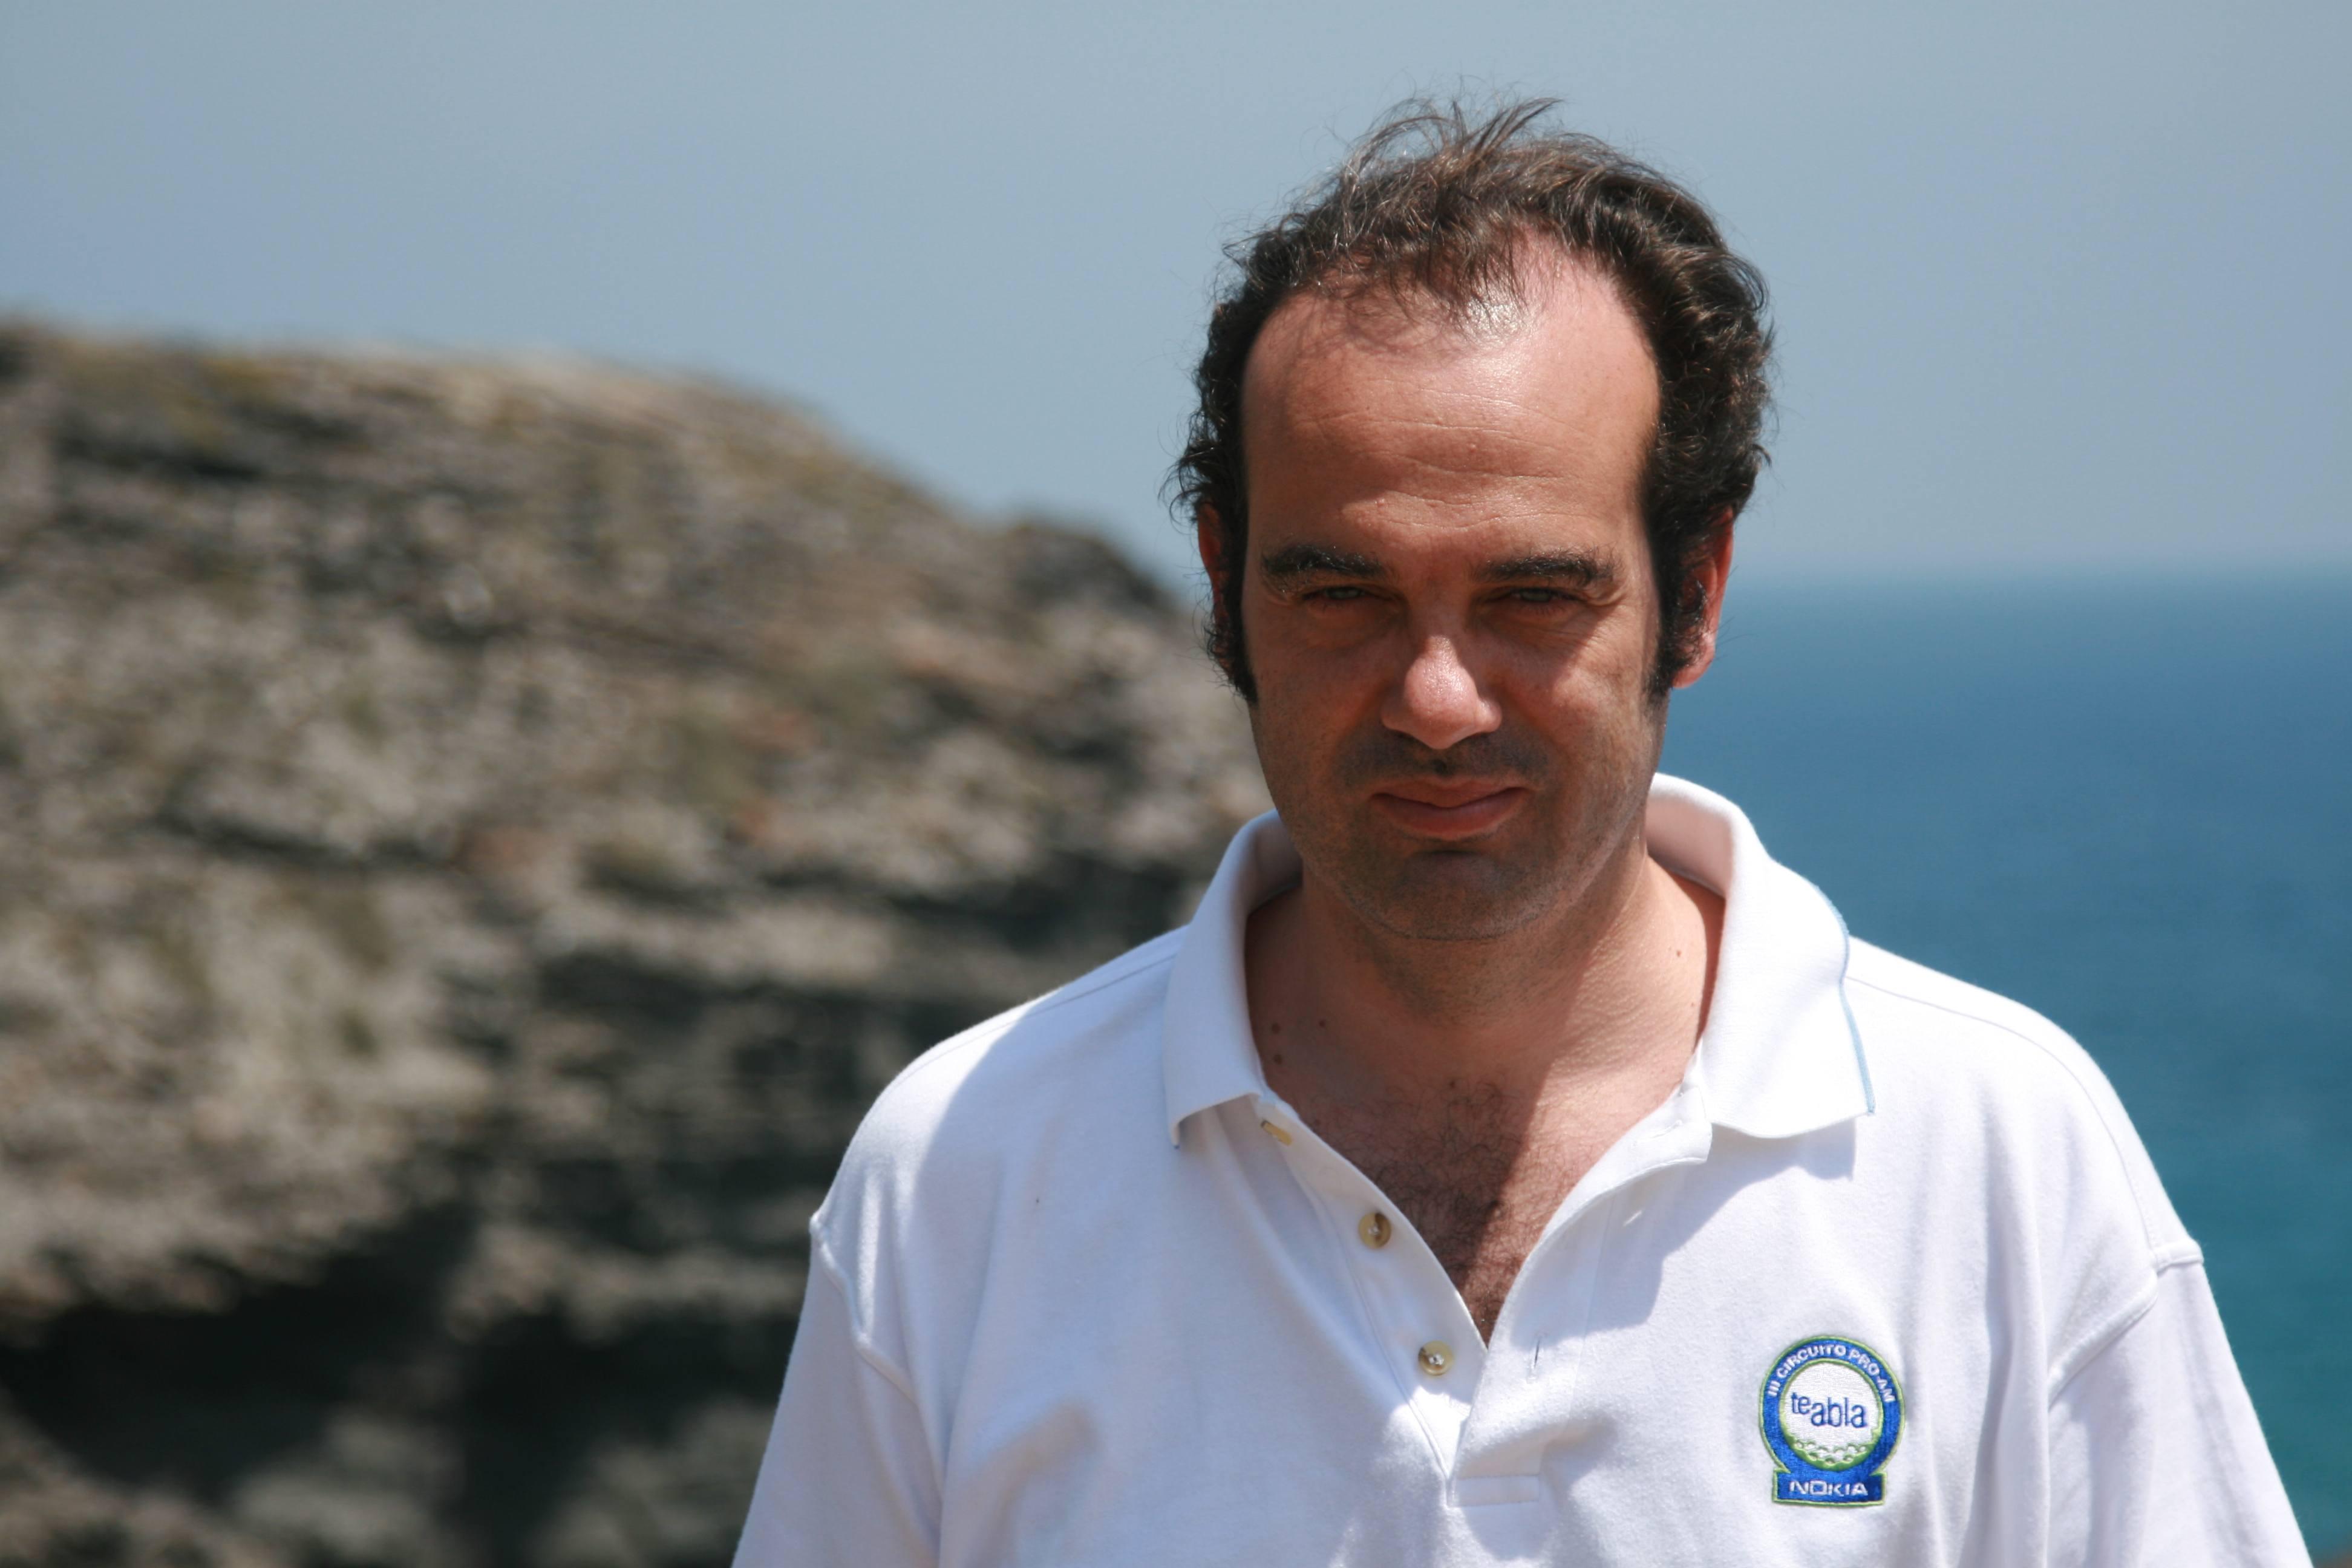 Íñigo Valenzuela Cossío